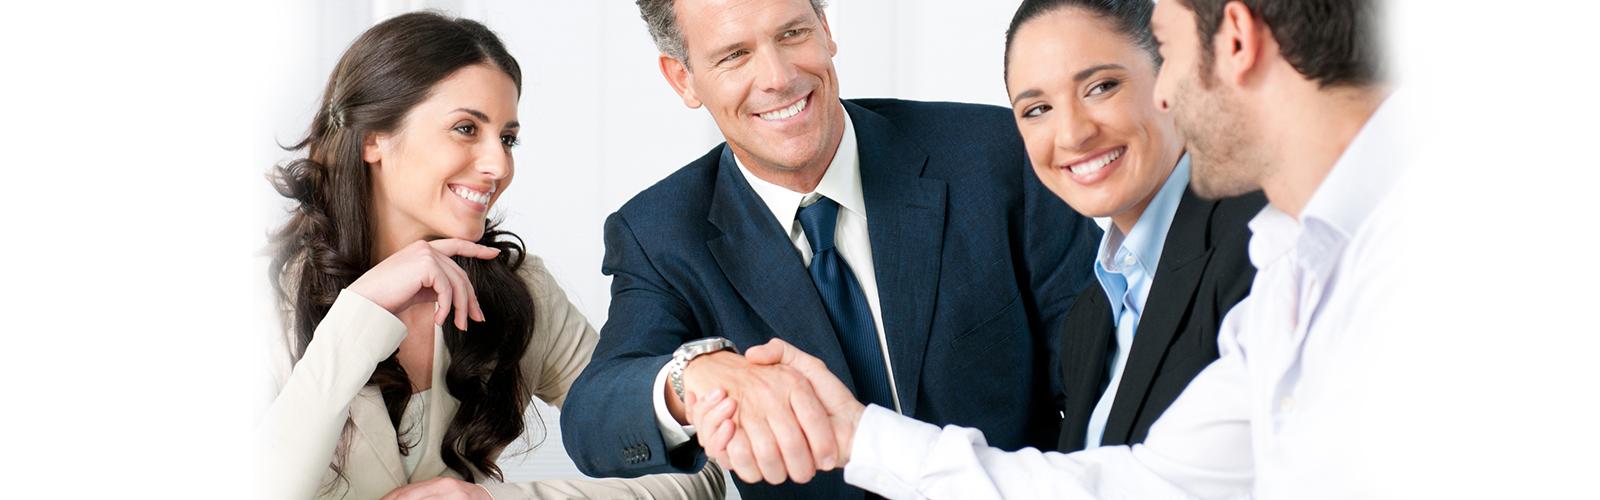 Italmoney Consulenti professionali per la cessione del quinto dello stipendio